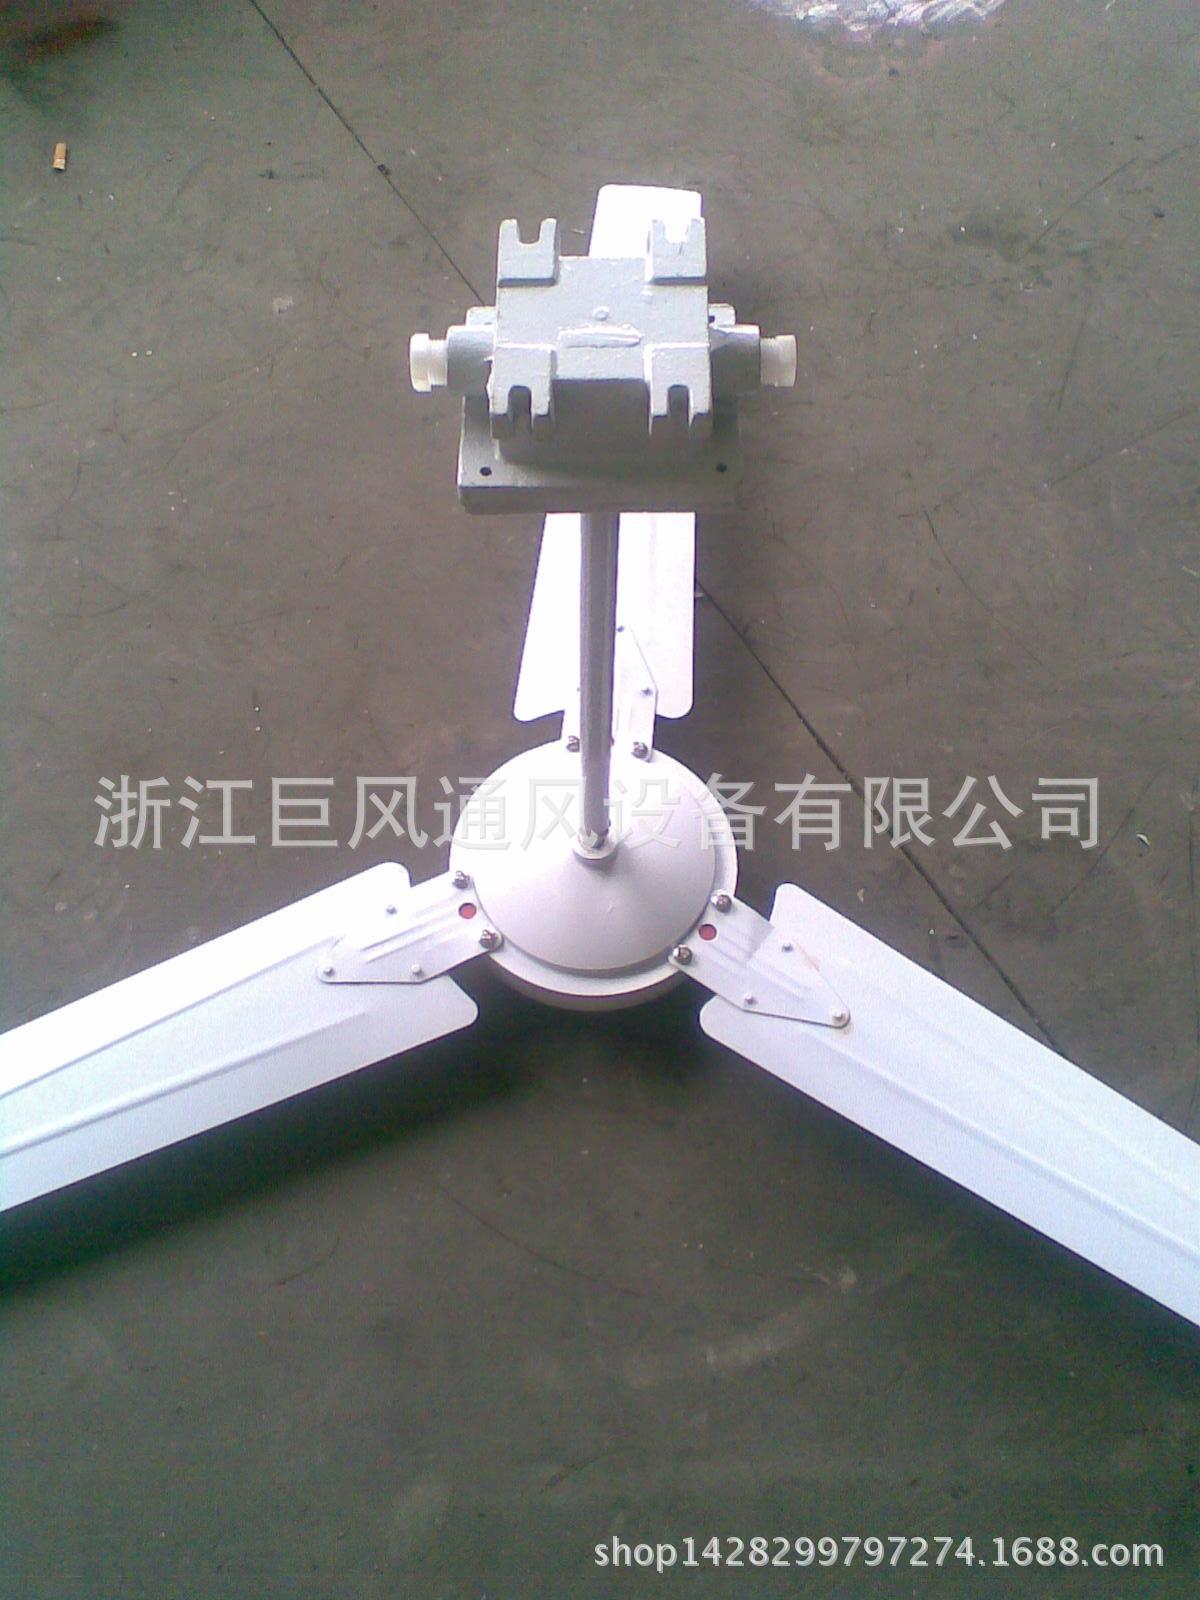 系列防爆吊风扇 供应BFC系列防爆吊风扇,防爆吊扇 阿里巴巴图片